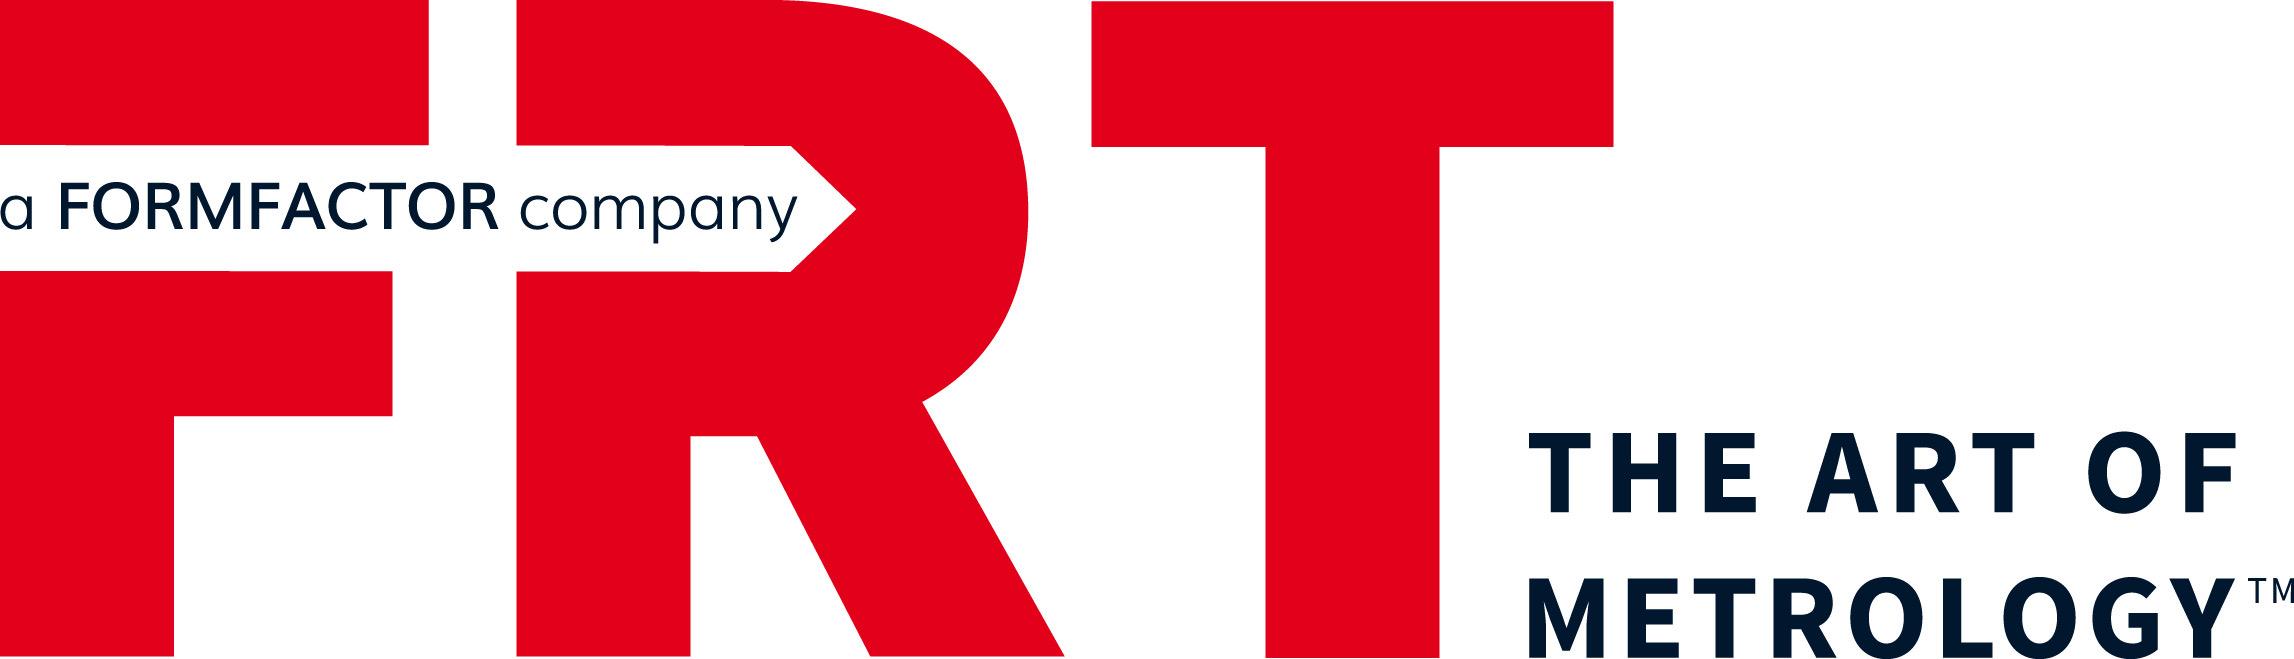 FRT new logo